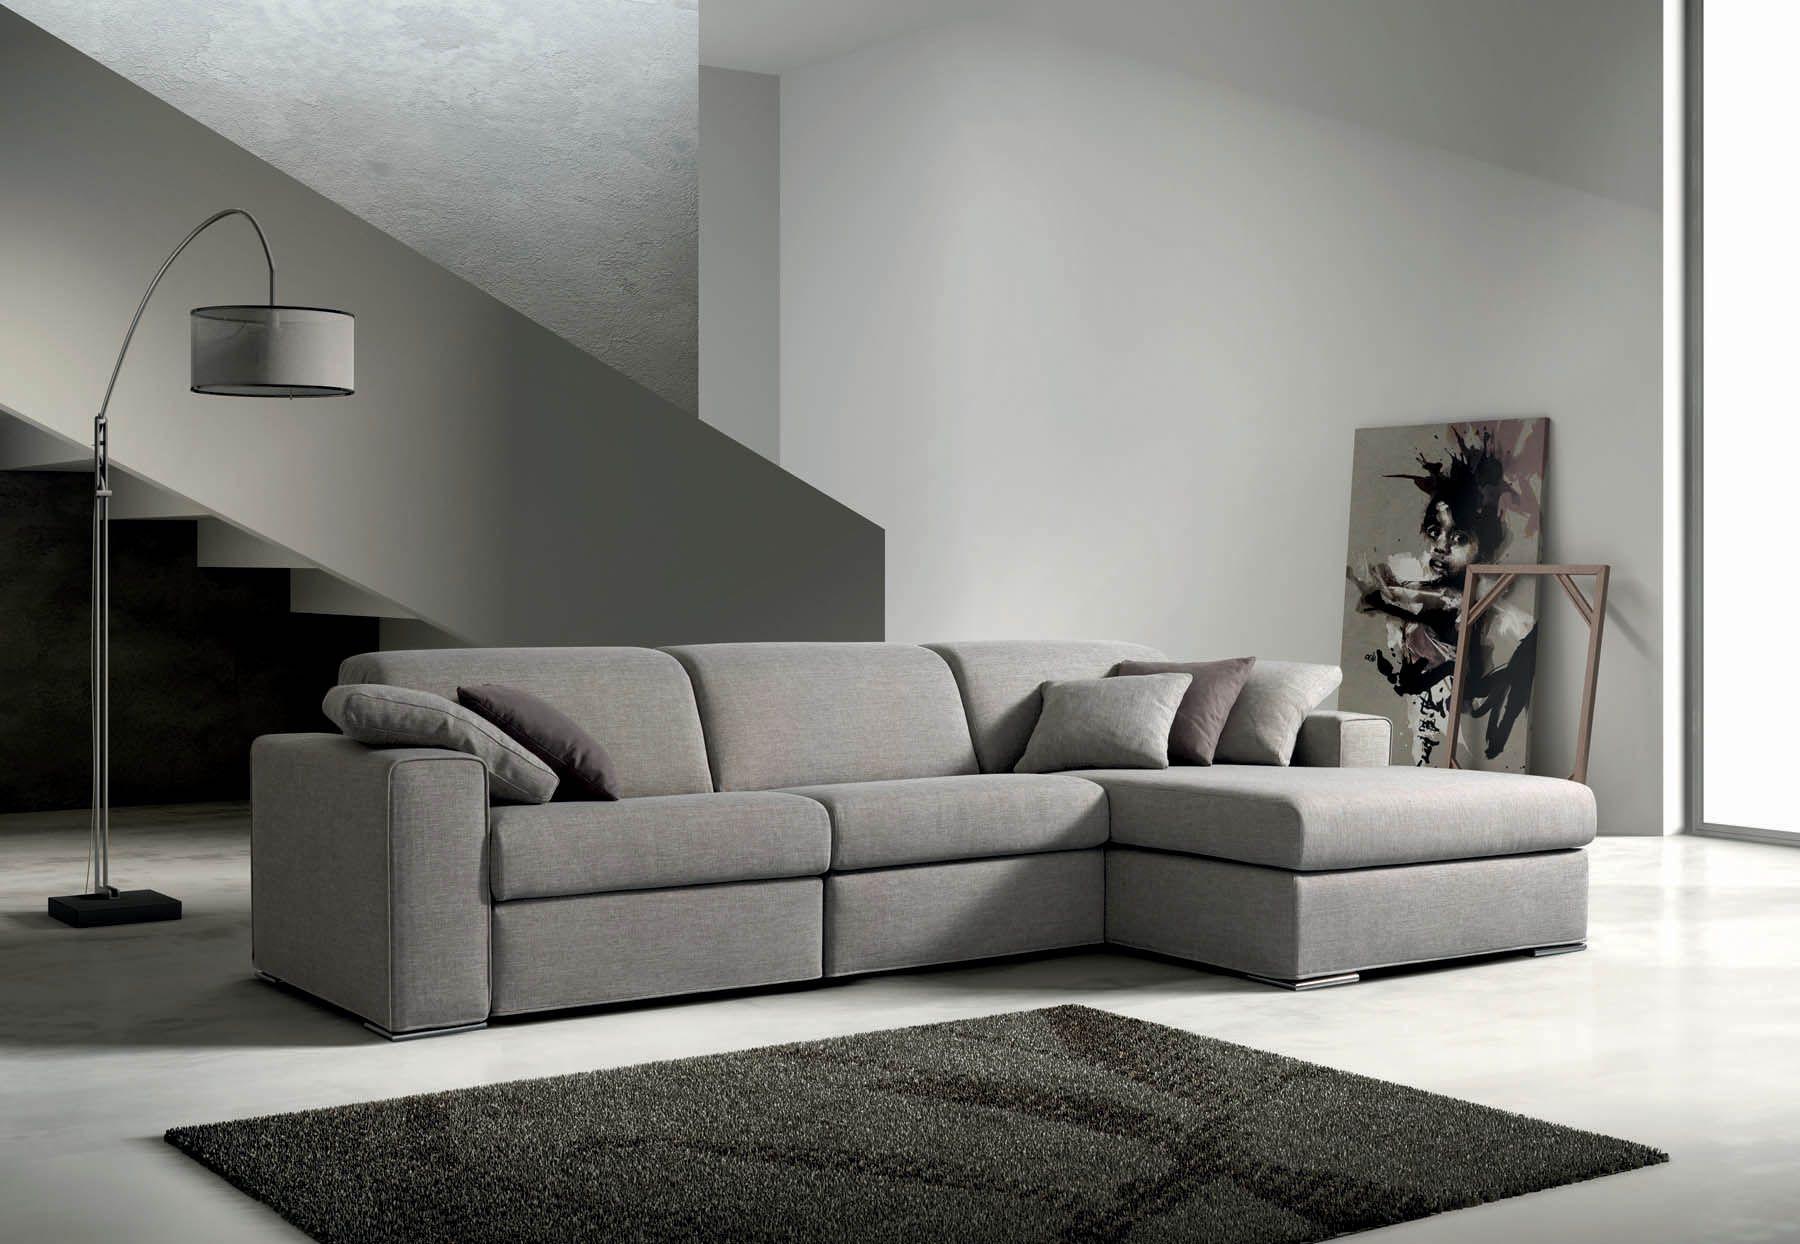 Furniture, Sofa E Home Decor